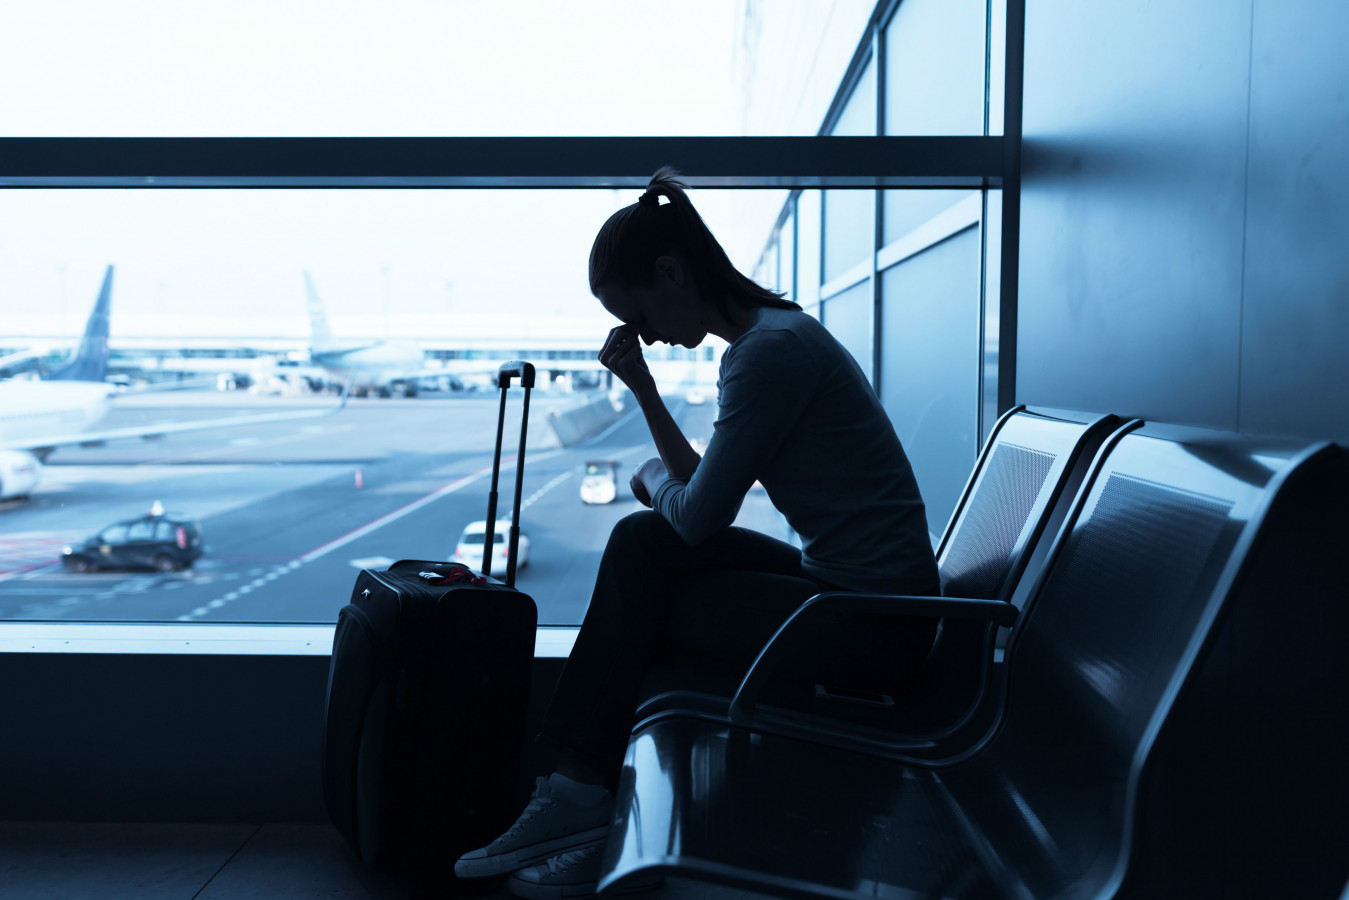 Из-за приостановки деятельности Bek Air 500 казахстанцев не смогли попасть в пункты назначения